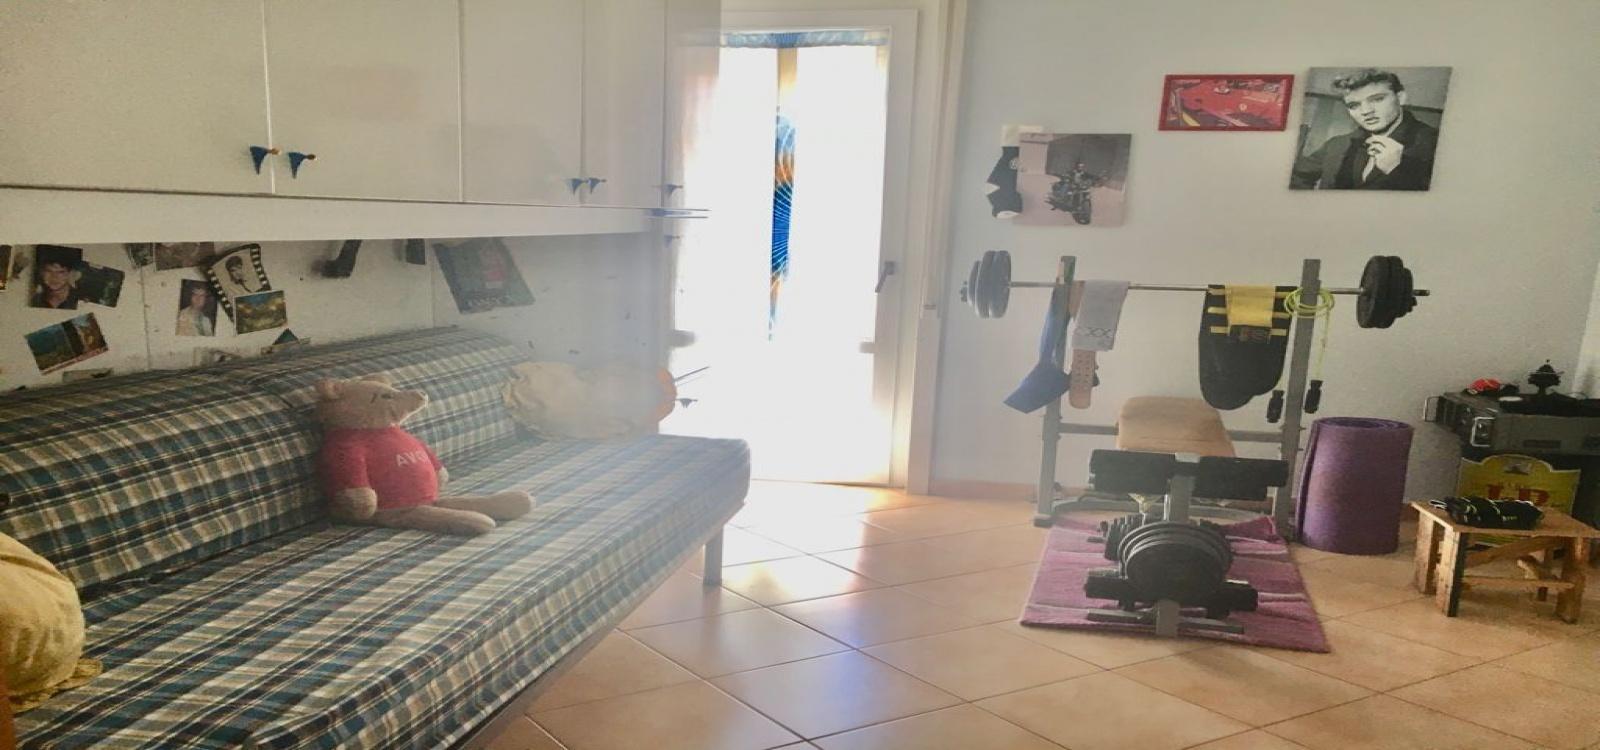 SCALA GRECA,SIRACUSA,Appartamento,SCALA GRECA,2418